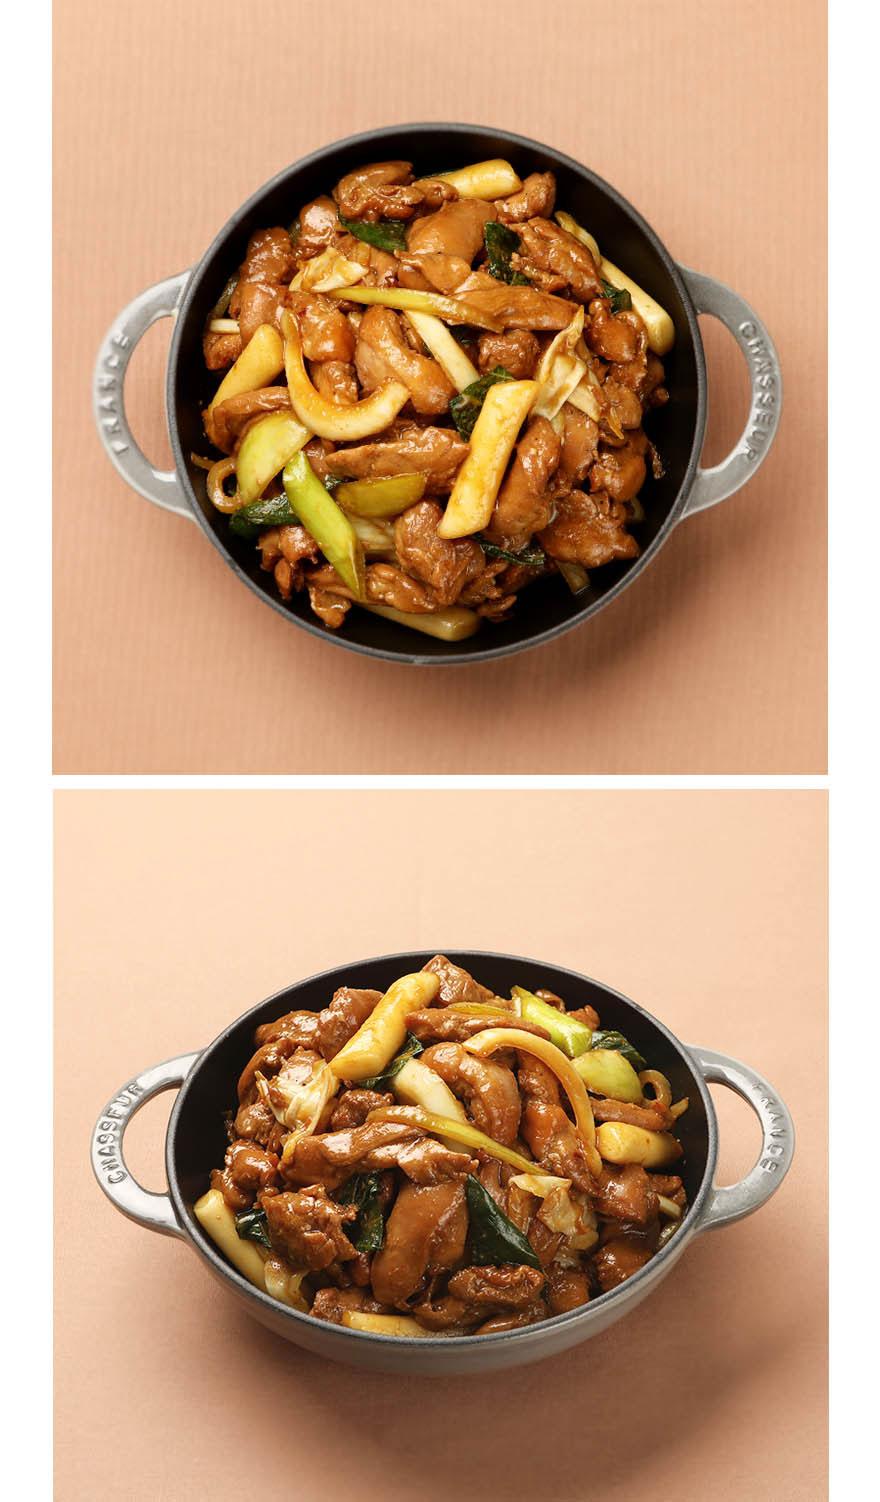 간장 닭갈비 집반찬연구소 인기 메뉴인 닭갈비를 아이들과 함께 맛있게 즐기실 수 있도록 간장양념으로 준비했습니다. 간장 닭갈비는 달콤 짭쪼름한 맛이 강하지 않고 순해서 어른뿐만 아니라 아이들도 정말 좋아해요. 순살 닭고기를 사용해 따로 뼈를 바르는 수고를 하지 않아도 됩니다. 조리시에는 고기를 먼저 익힌 후 야채를 넣고 함께 볶아주세요. 양배추와 양파 등 야채의 식감을 살리면 더욱 맛있게 즐길 수 있습니다. *순살닭고기 320g 기준입니다.